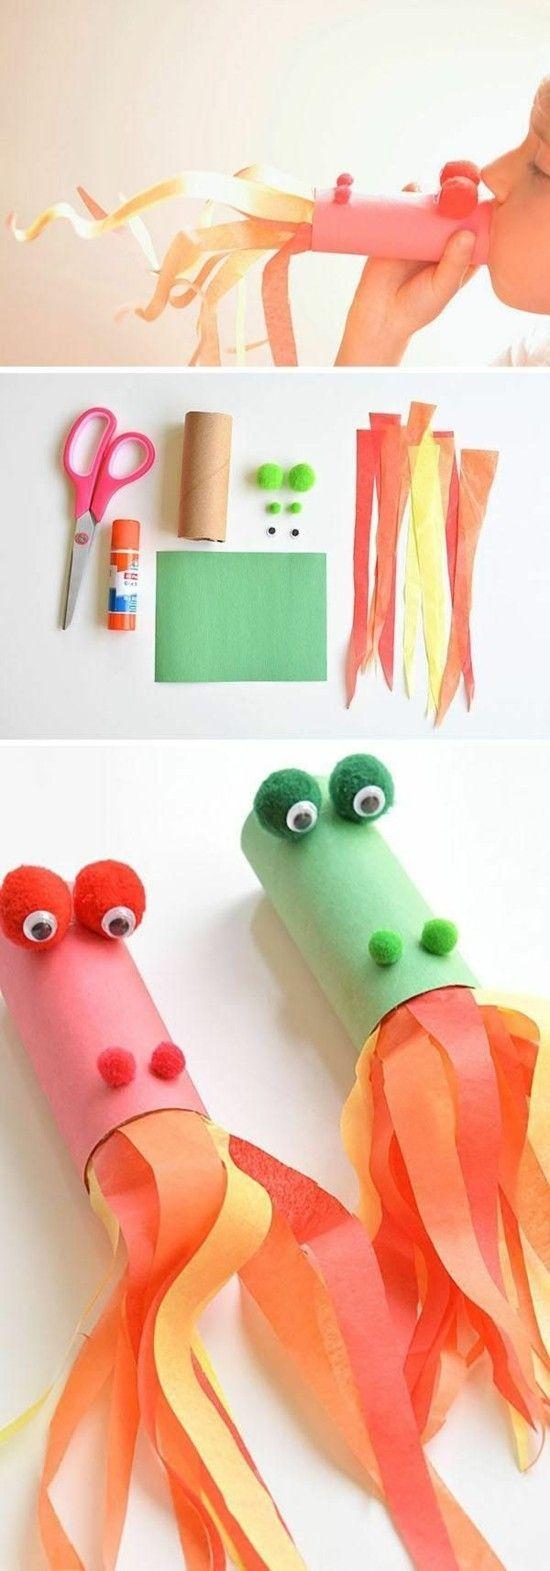 30 Ideen zum Basteln mit Kindern zu Fasching #dekobasteln